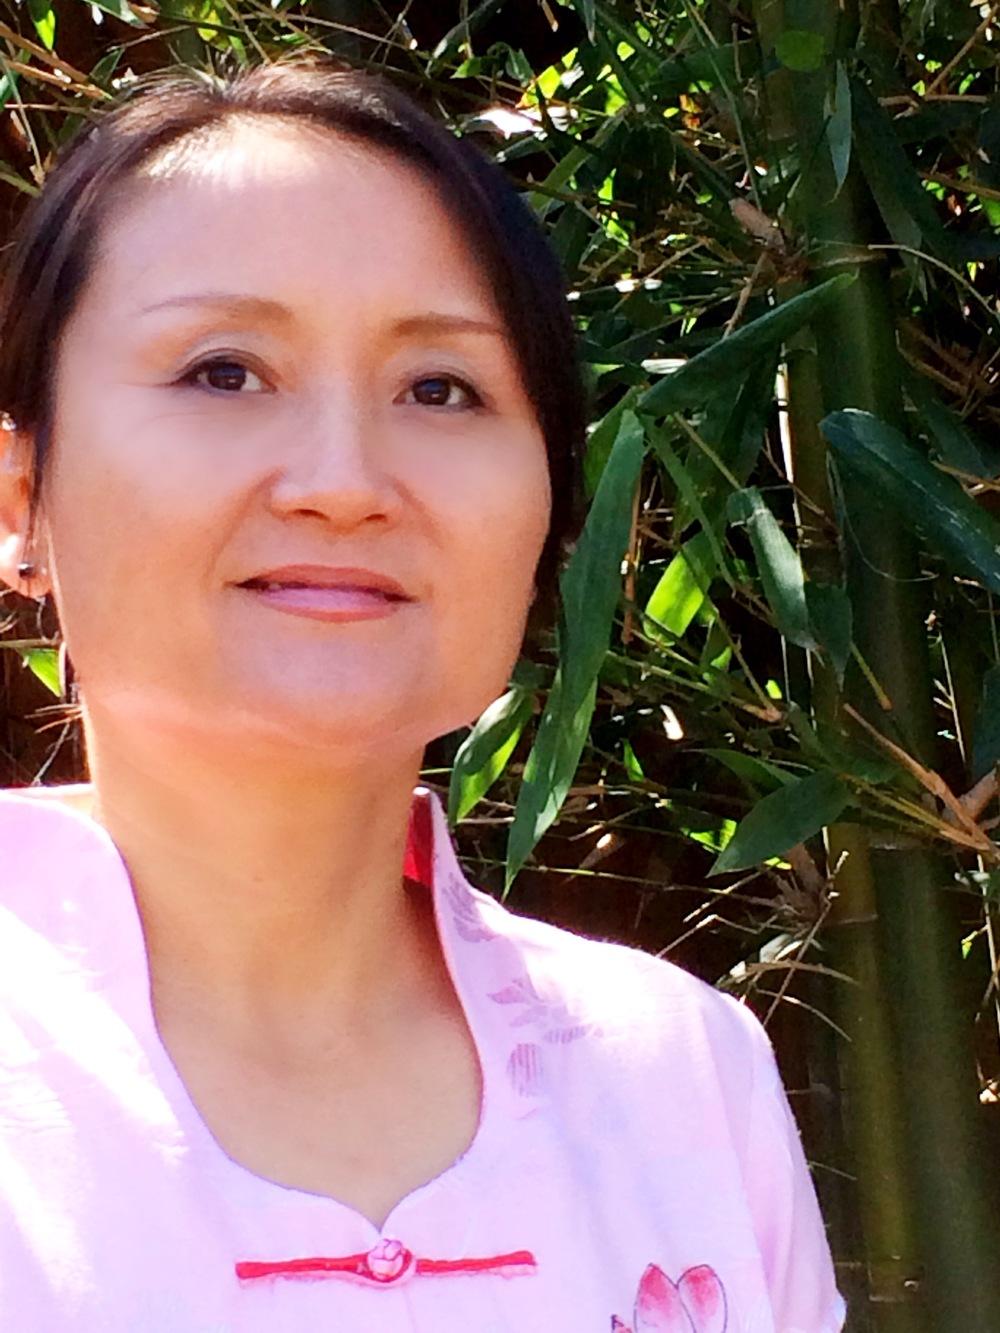 Chiyan Wang  Qigong teacher & Fengshui consultant